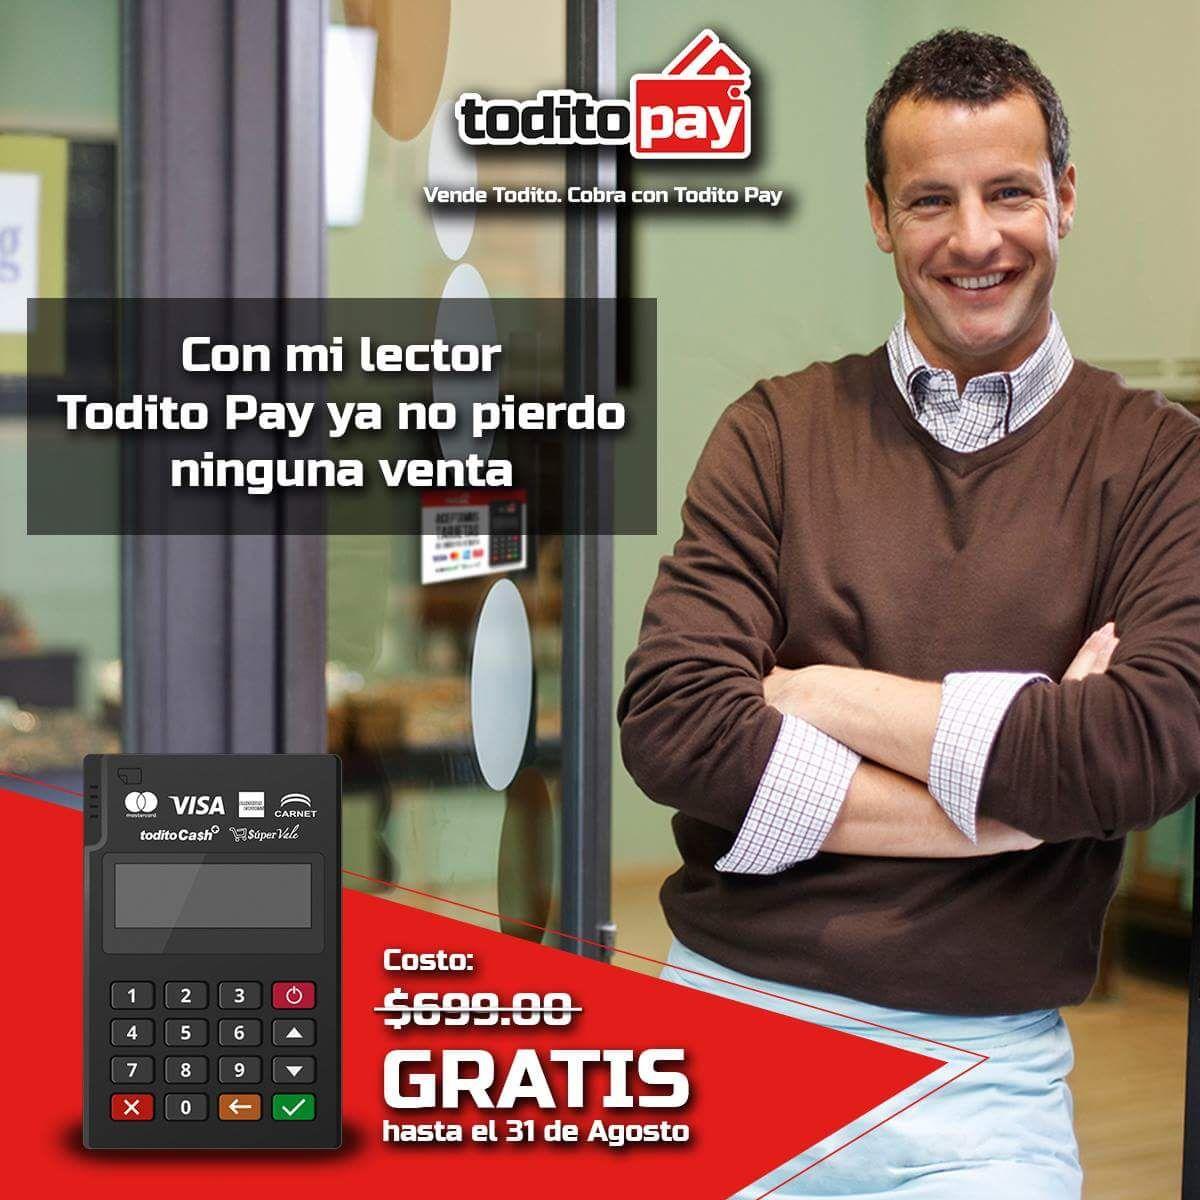 Todito Pay: lector gratis solo registrándose